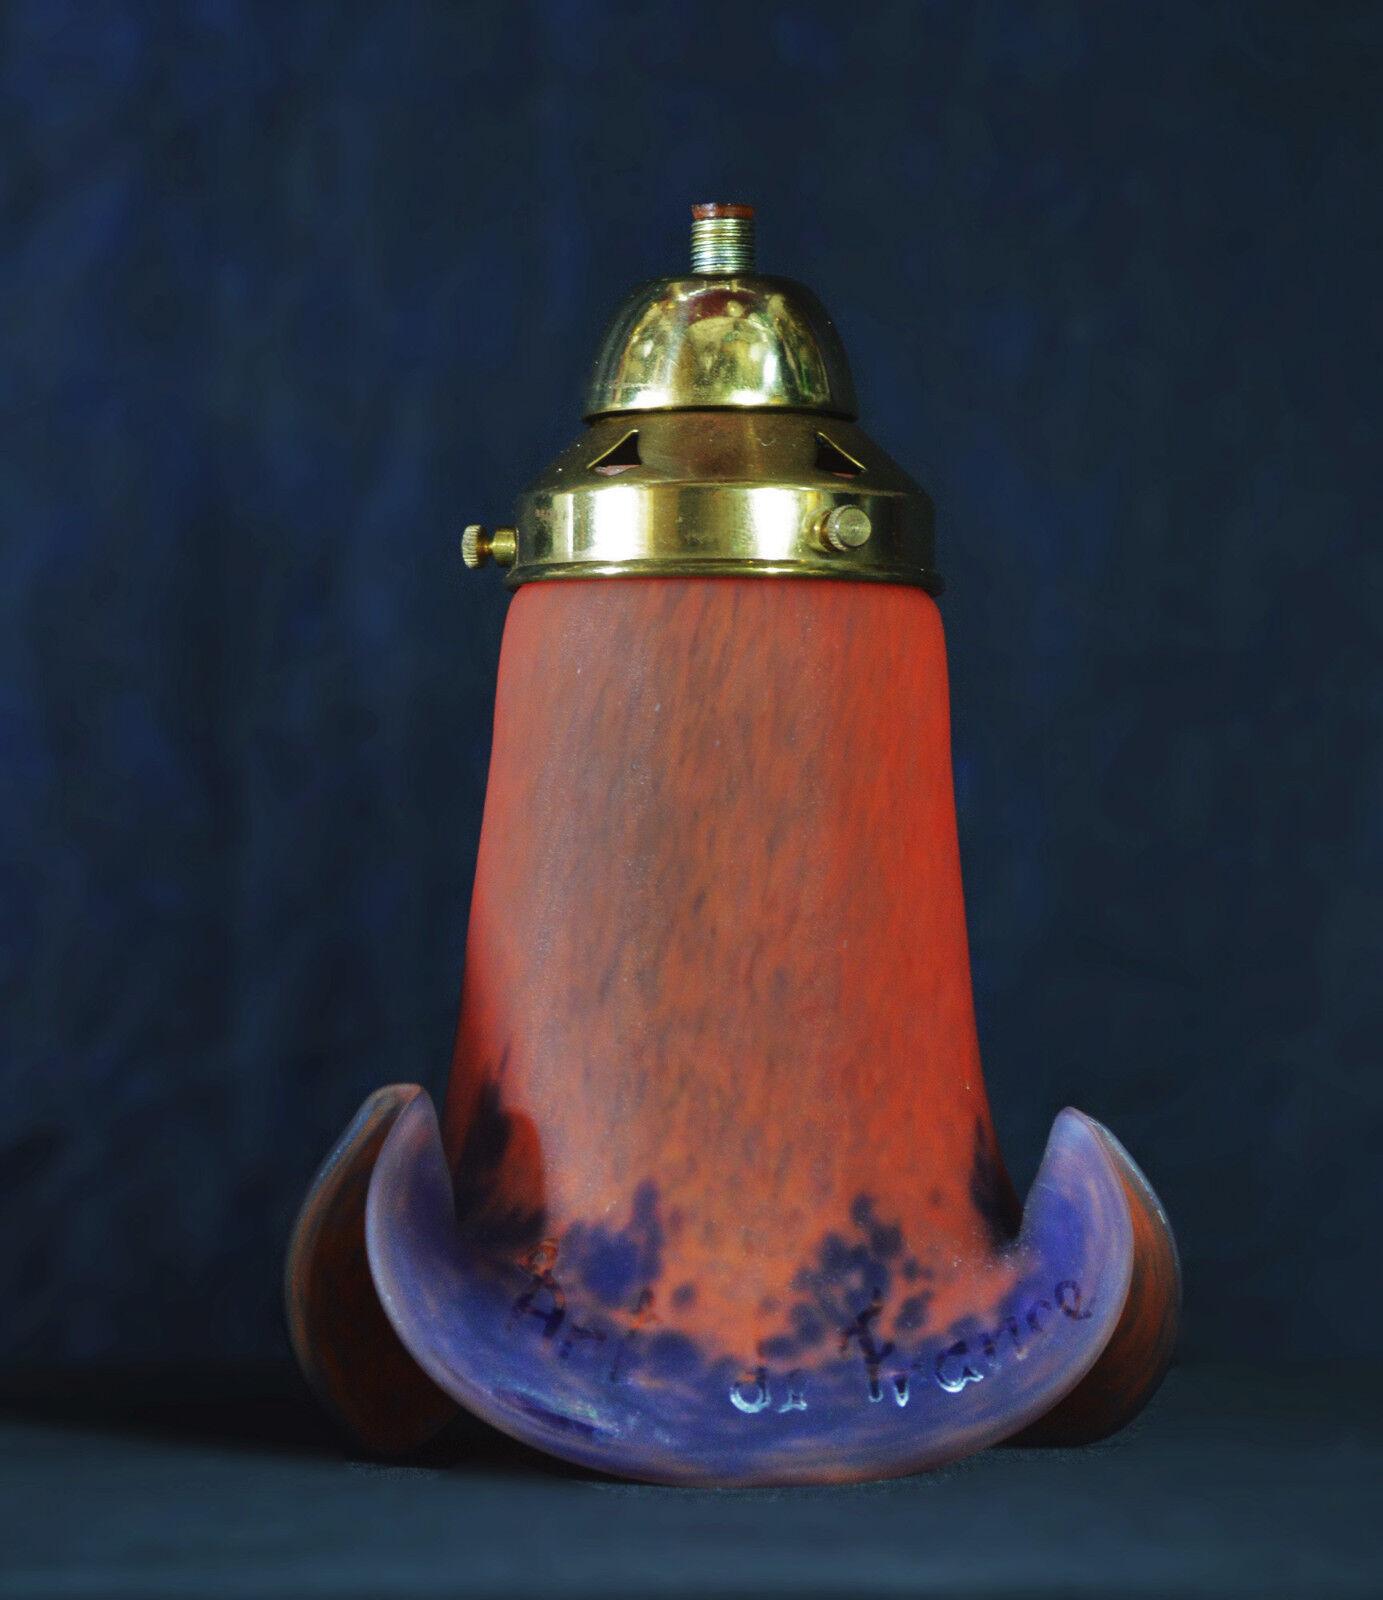 VINTAGE Francese Art Deco Fatto a a a Mano Pate DE Verre bocca-soffiato Lamp Shades. SPLENDIDA d624fe